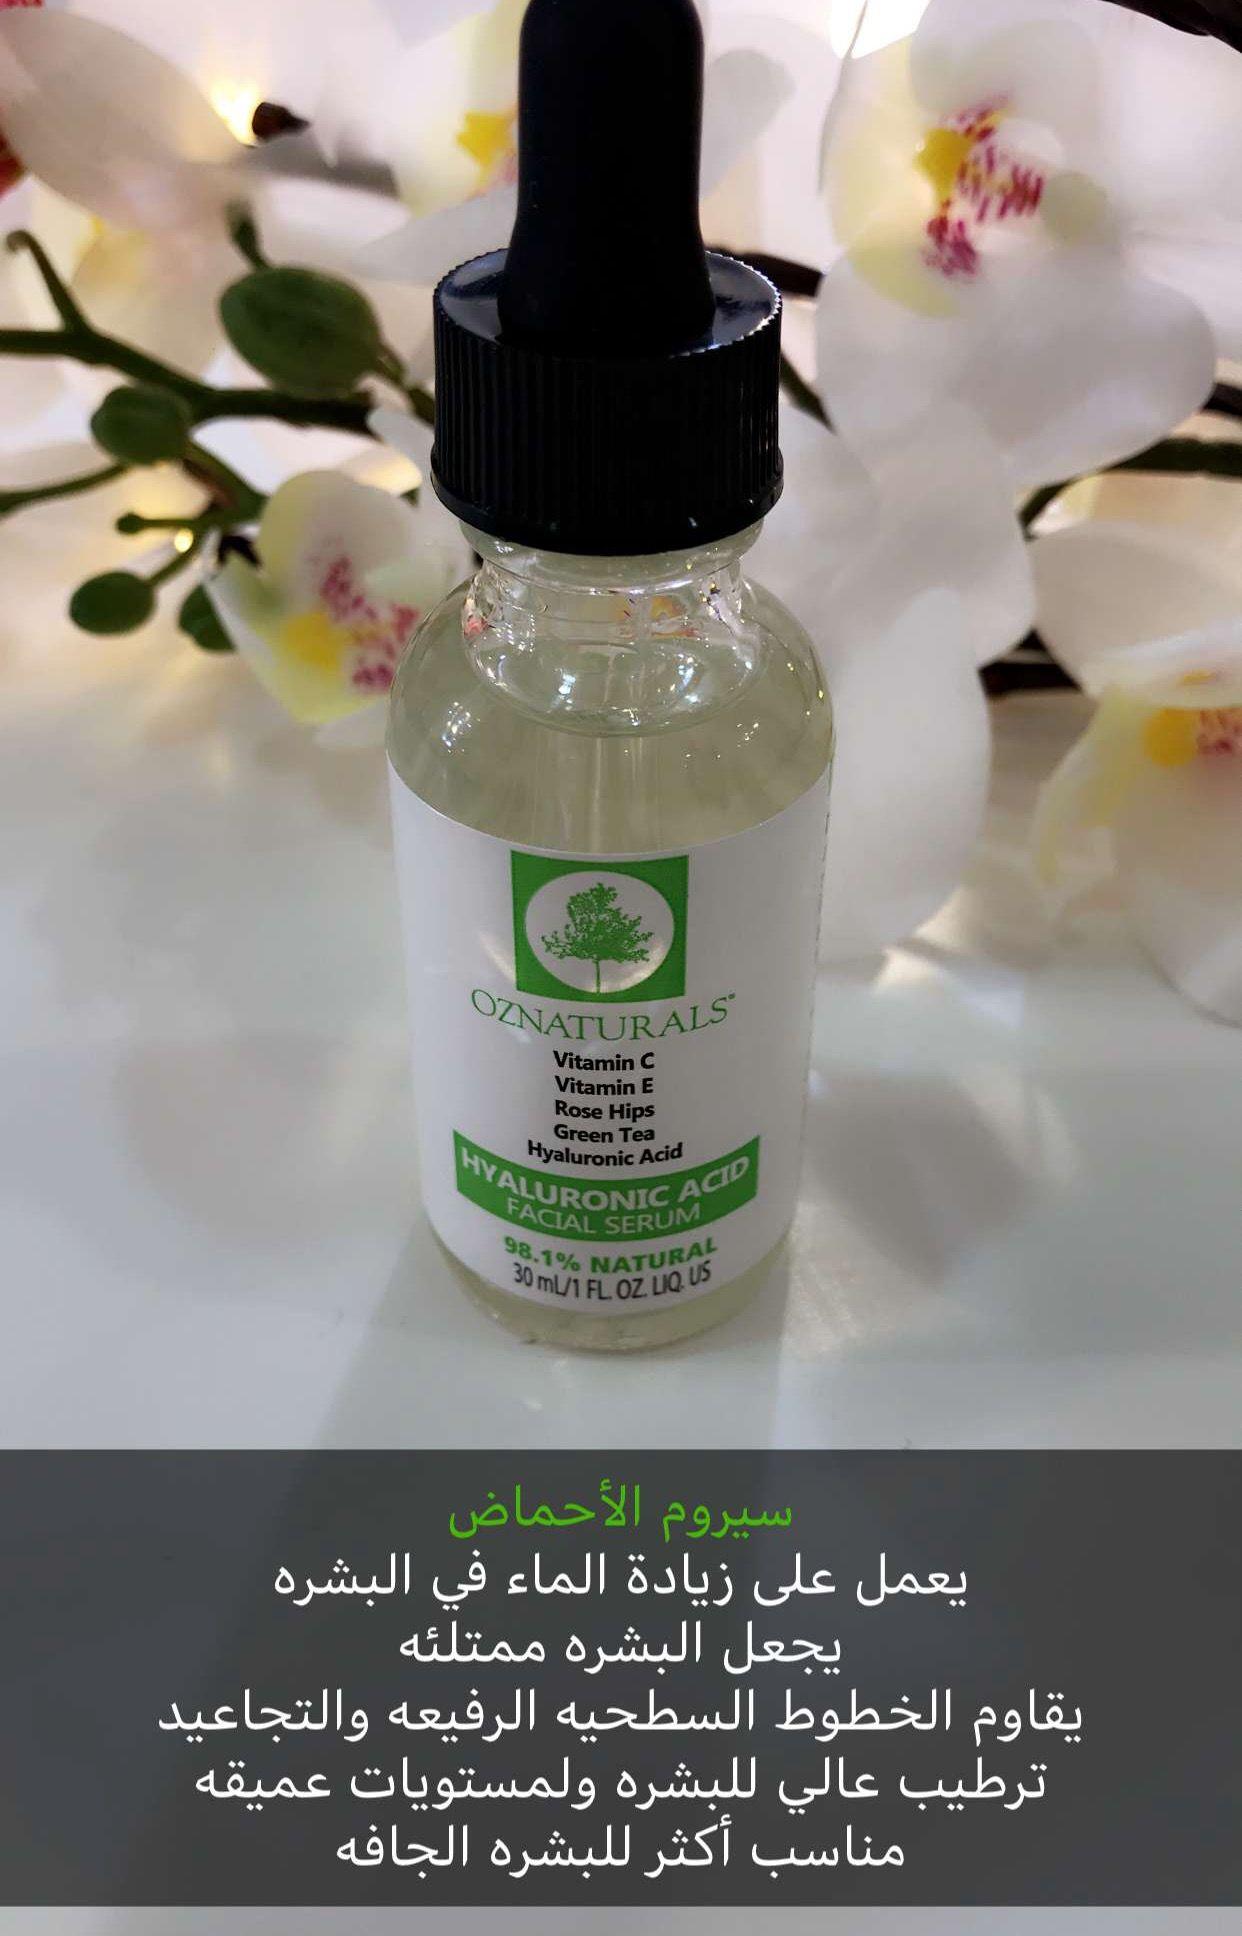 سيروم الأحماض Beauty Skin Care Routine Makeup Skin Care Body Skin Care